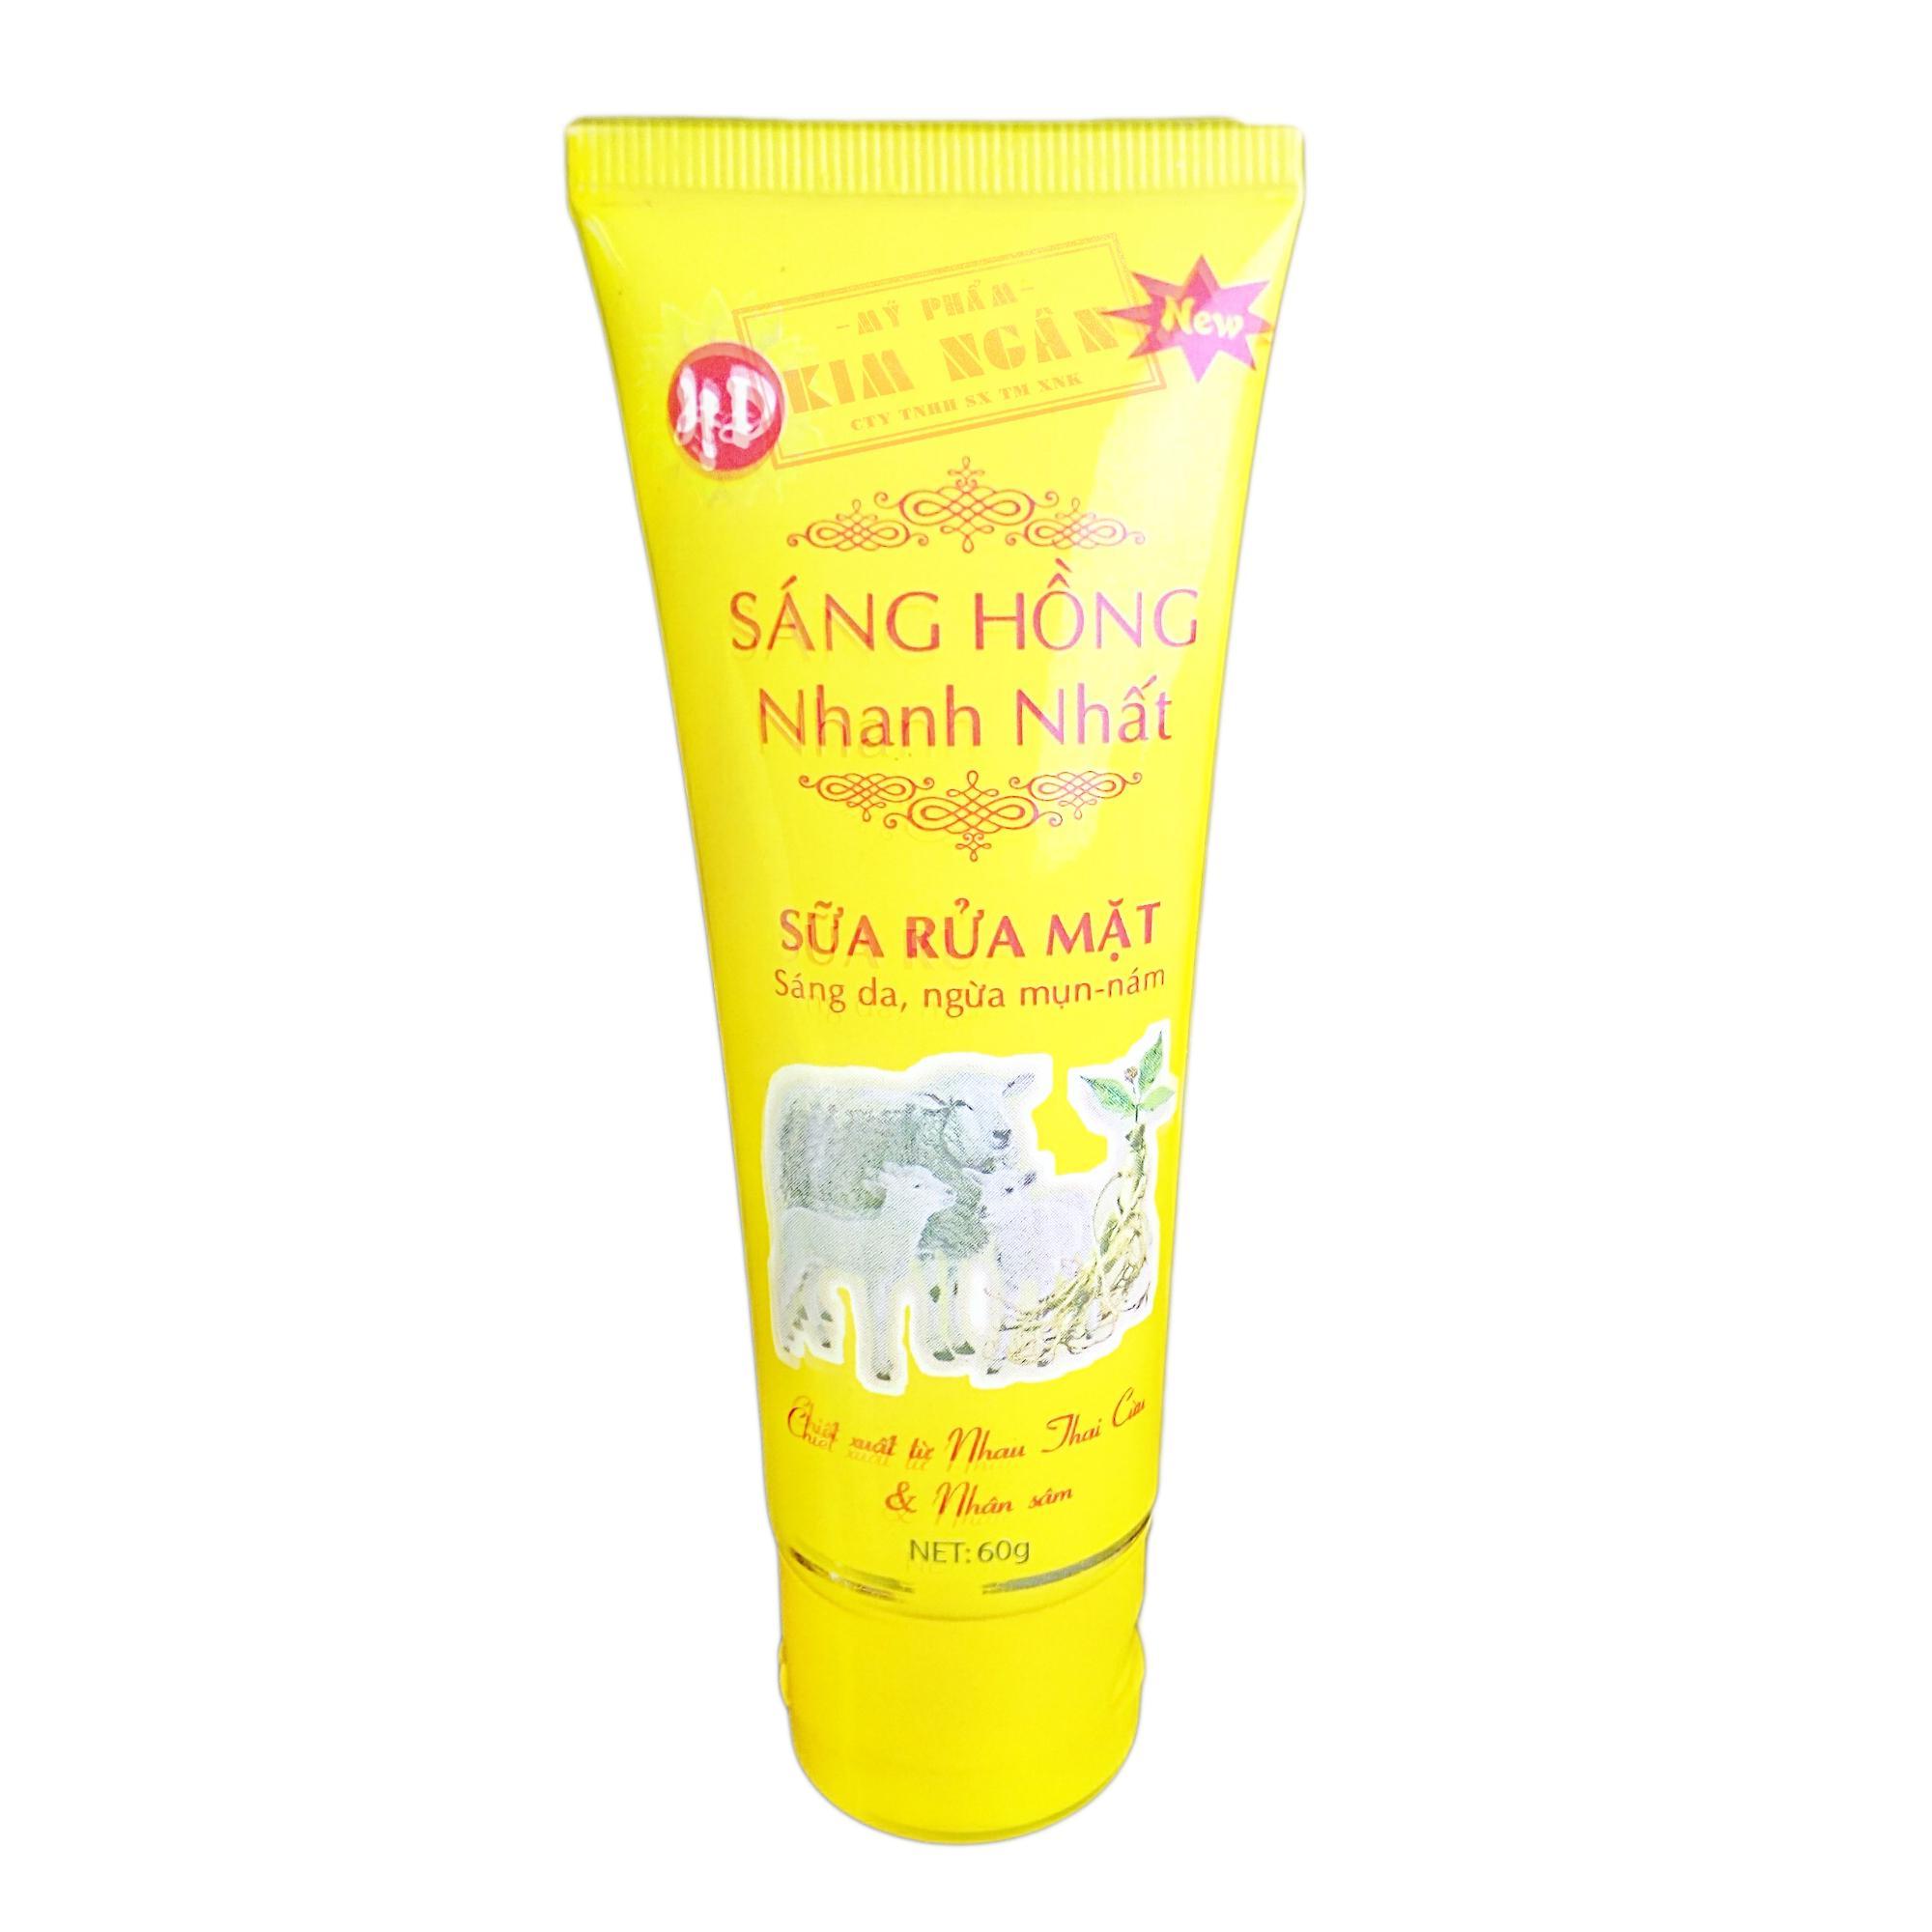 Sữa Rửa Mặt Sáng Hồng Trắng Da, Ngừa Mụn (60g)